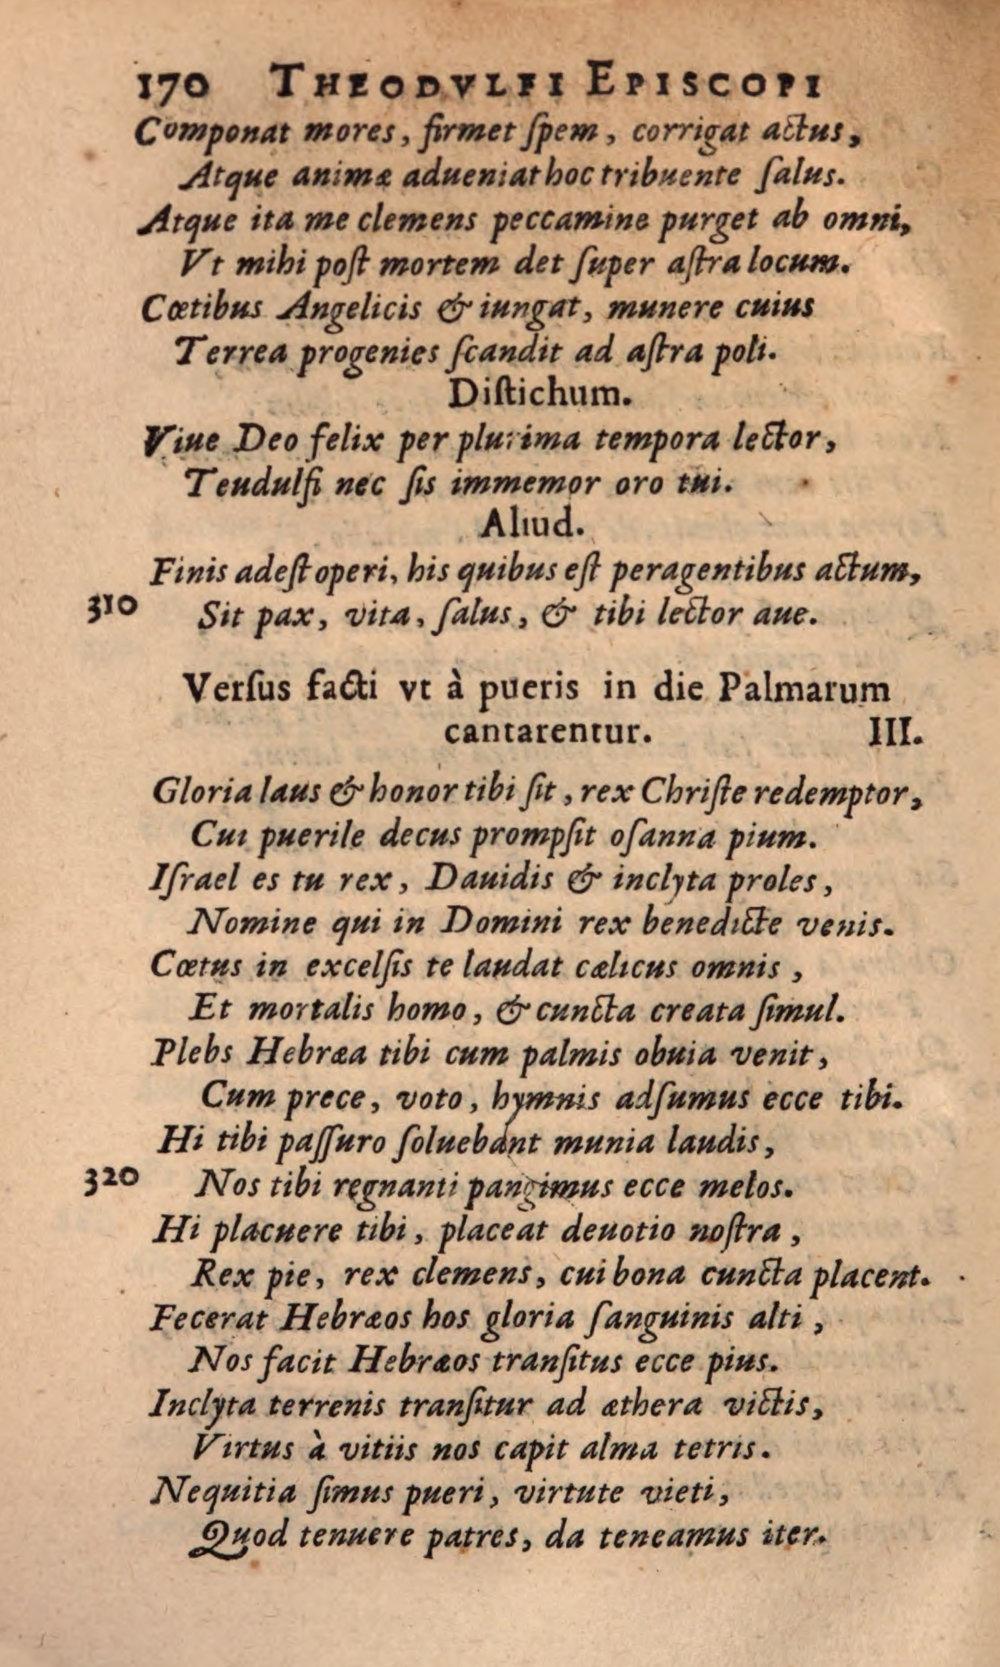 GloriaLaus-Sirmond-1646a.jpg